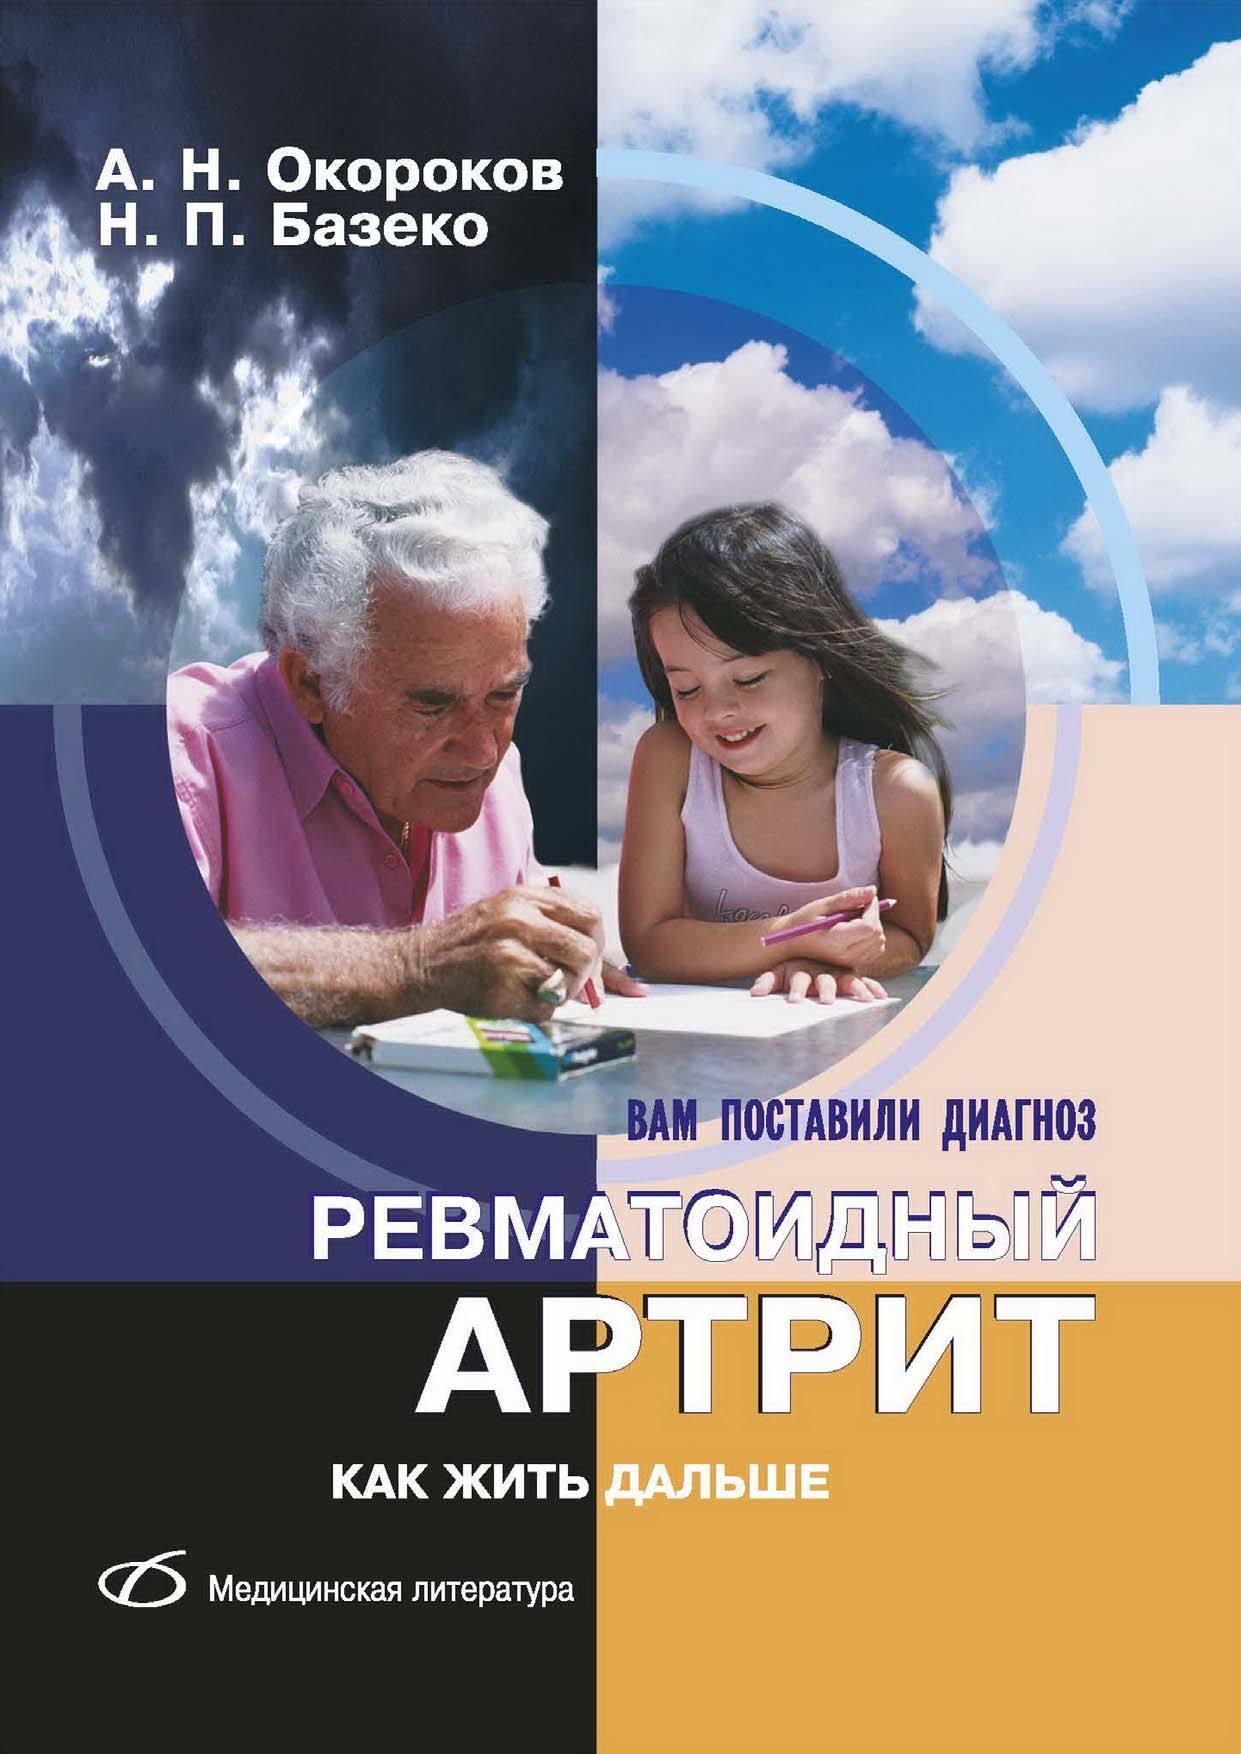 А. Н. Окороков. Ревматоидный артрит. Как жить дальше